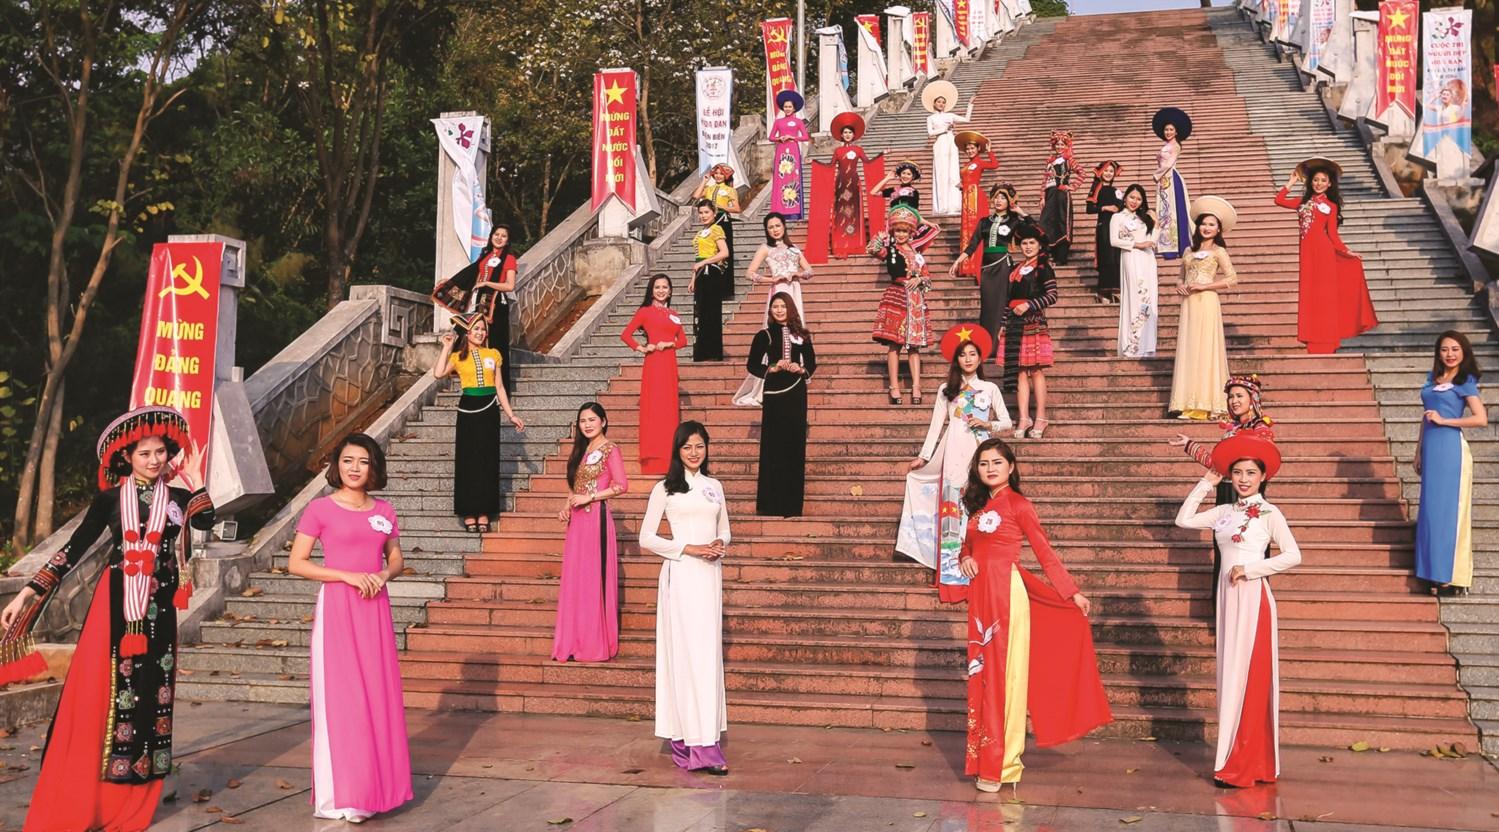 Trình diễn trang phục truyền thống các dân tộc là nội dung quan trọng được tổ chức thường xuyên tại các lễ hội, sự kiện. (Trong ảnh: Trình diễn trang phục truyền thống các dân tộc tỉnh Điện Biên tại lễ hội Hoa ban)